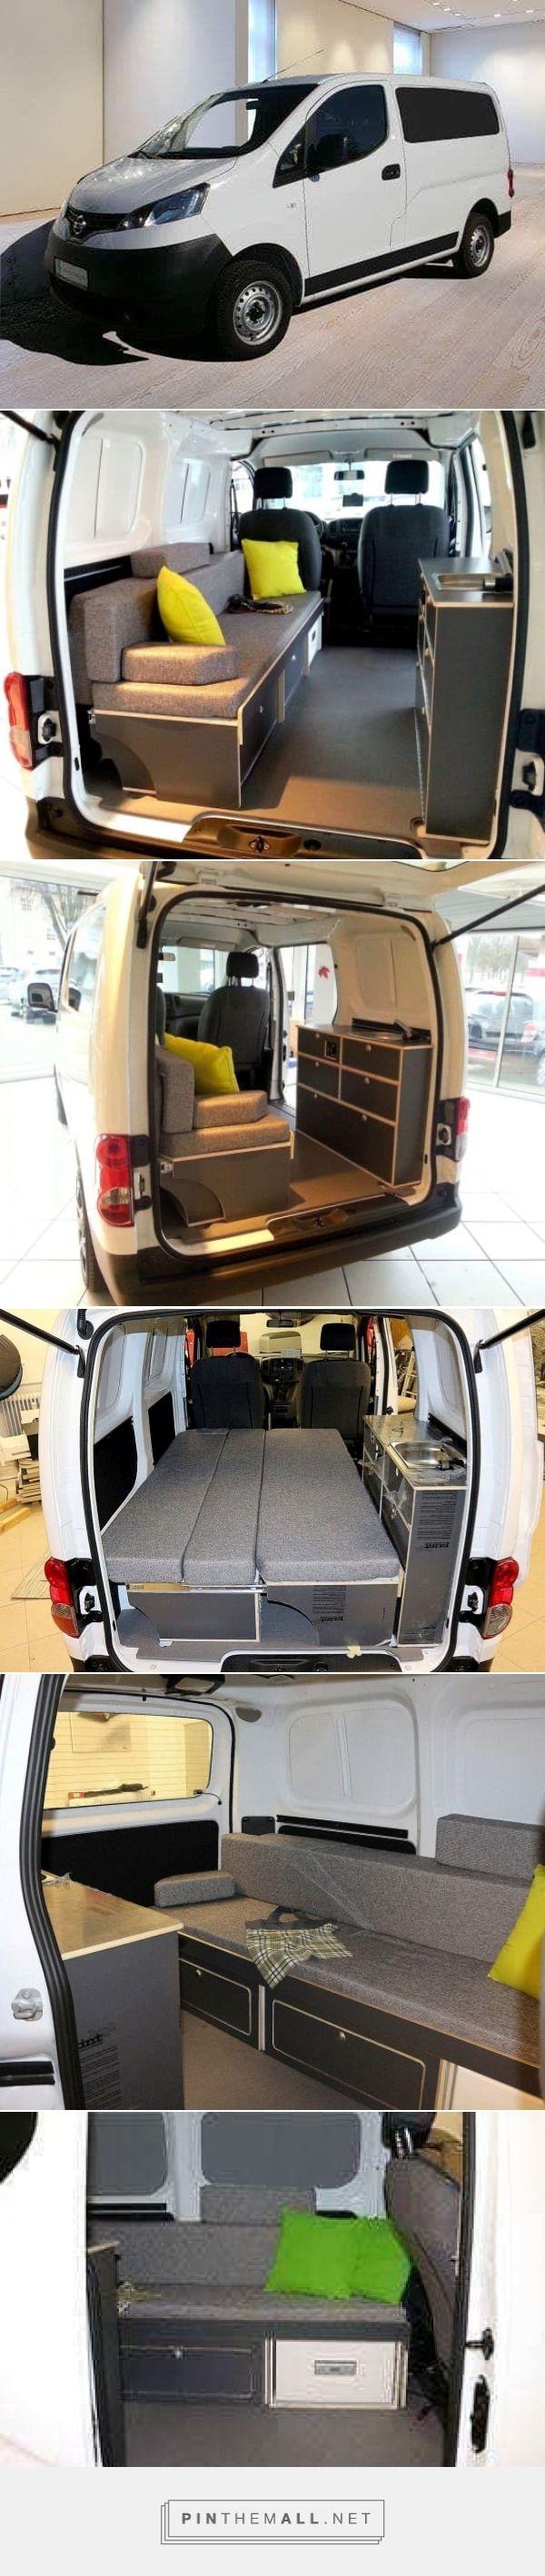 pin von janaplt auf camper. Black Bedroom Furniture Sets. Home Design Ideas